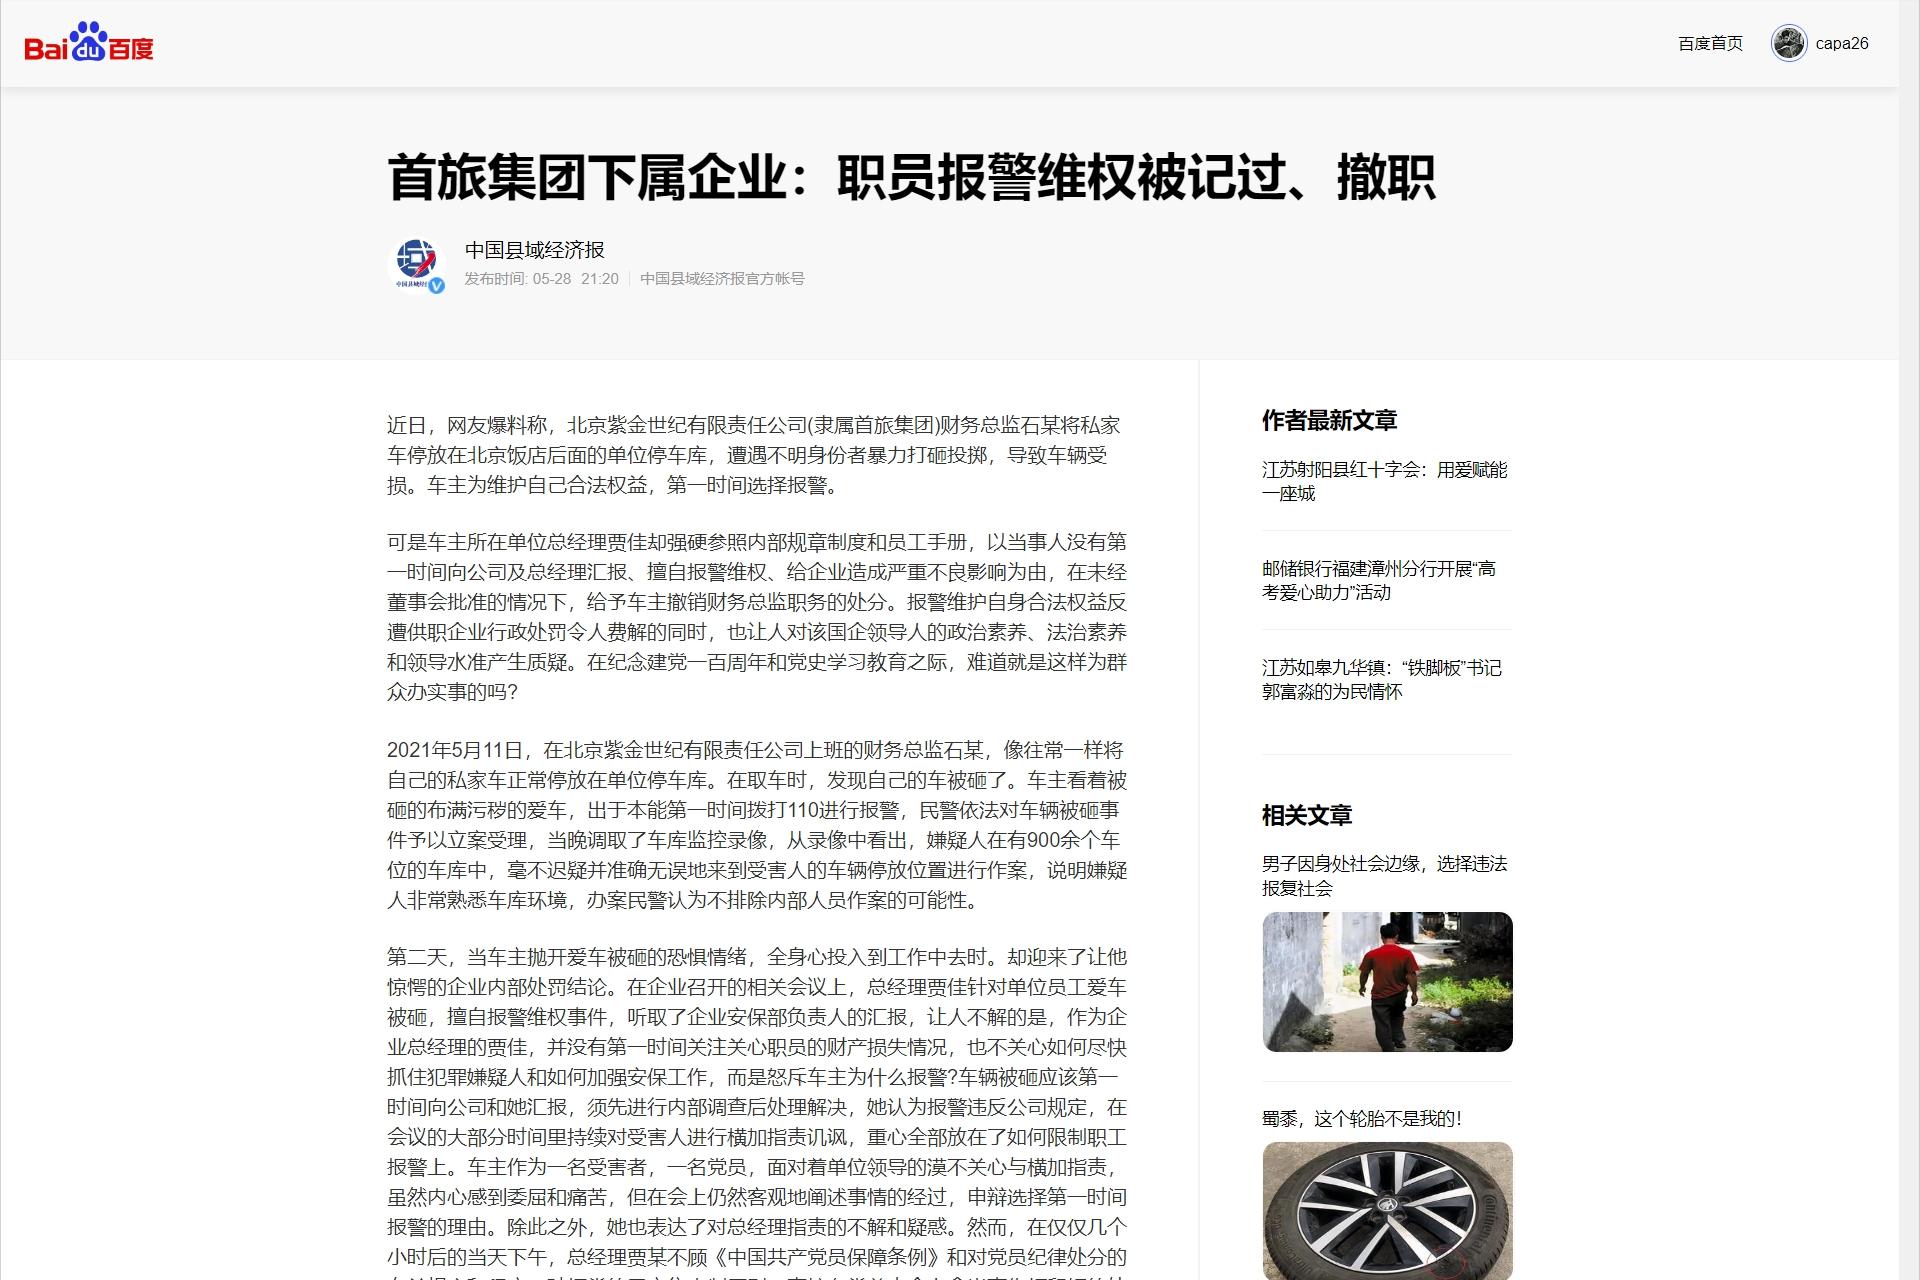 北京首旅集團下屬企業總經理緣何如此任性?